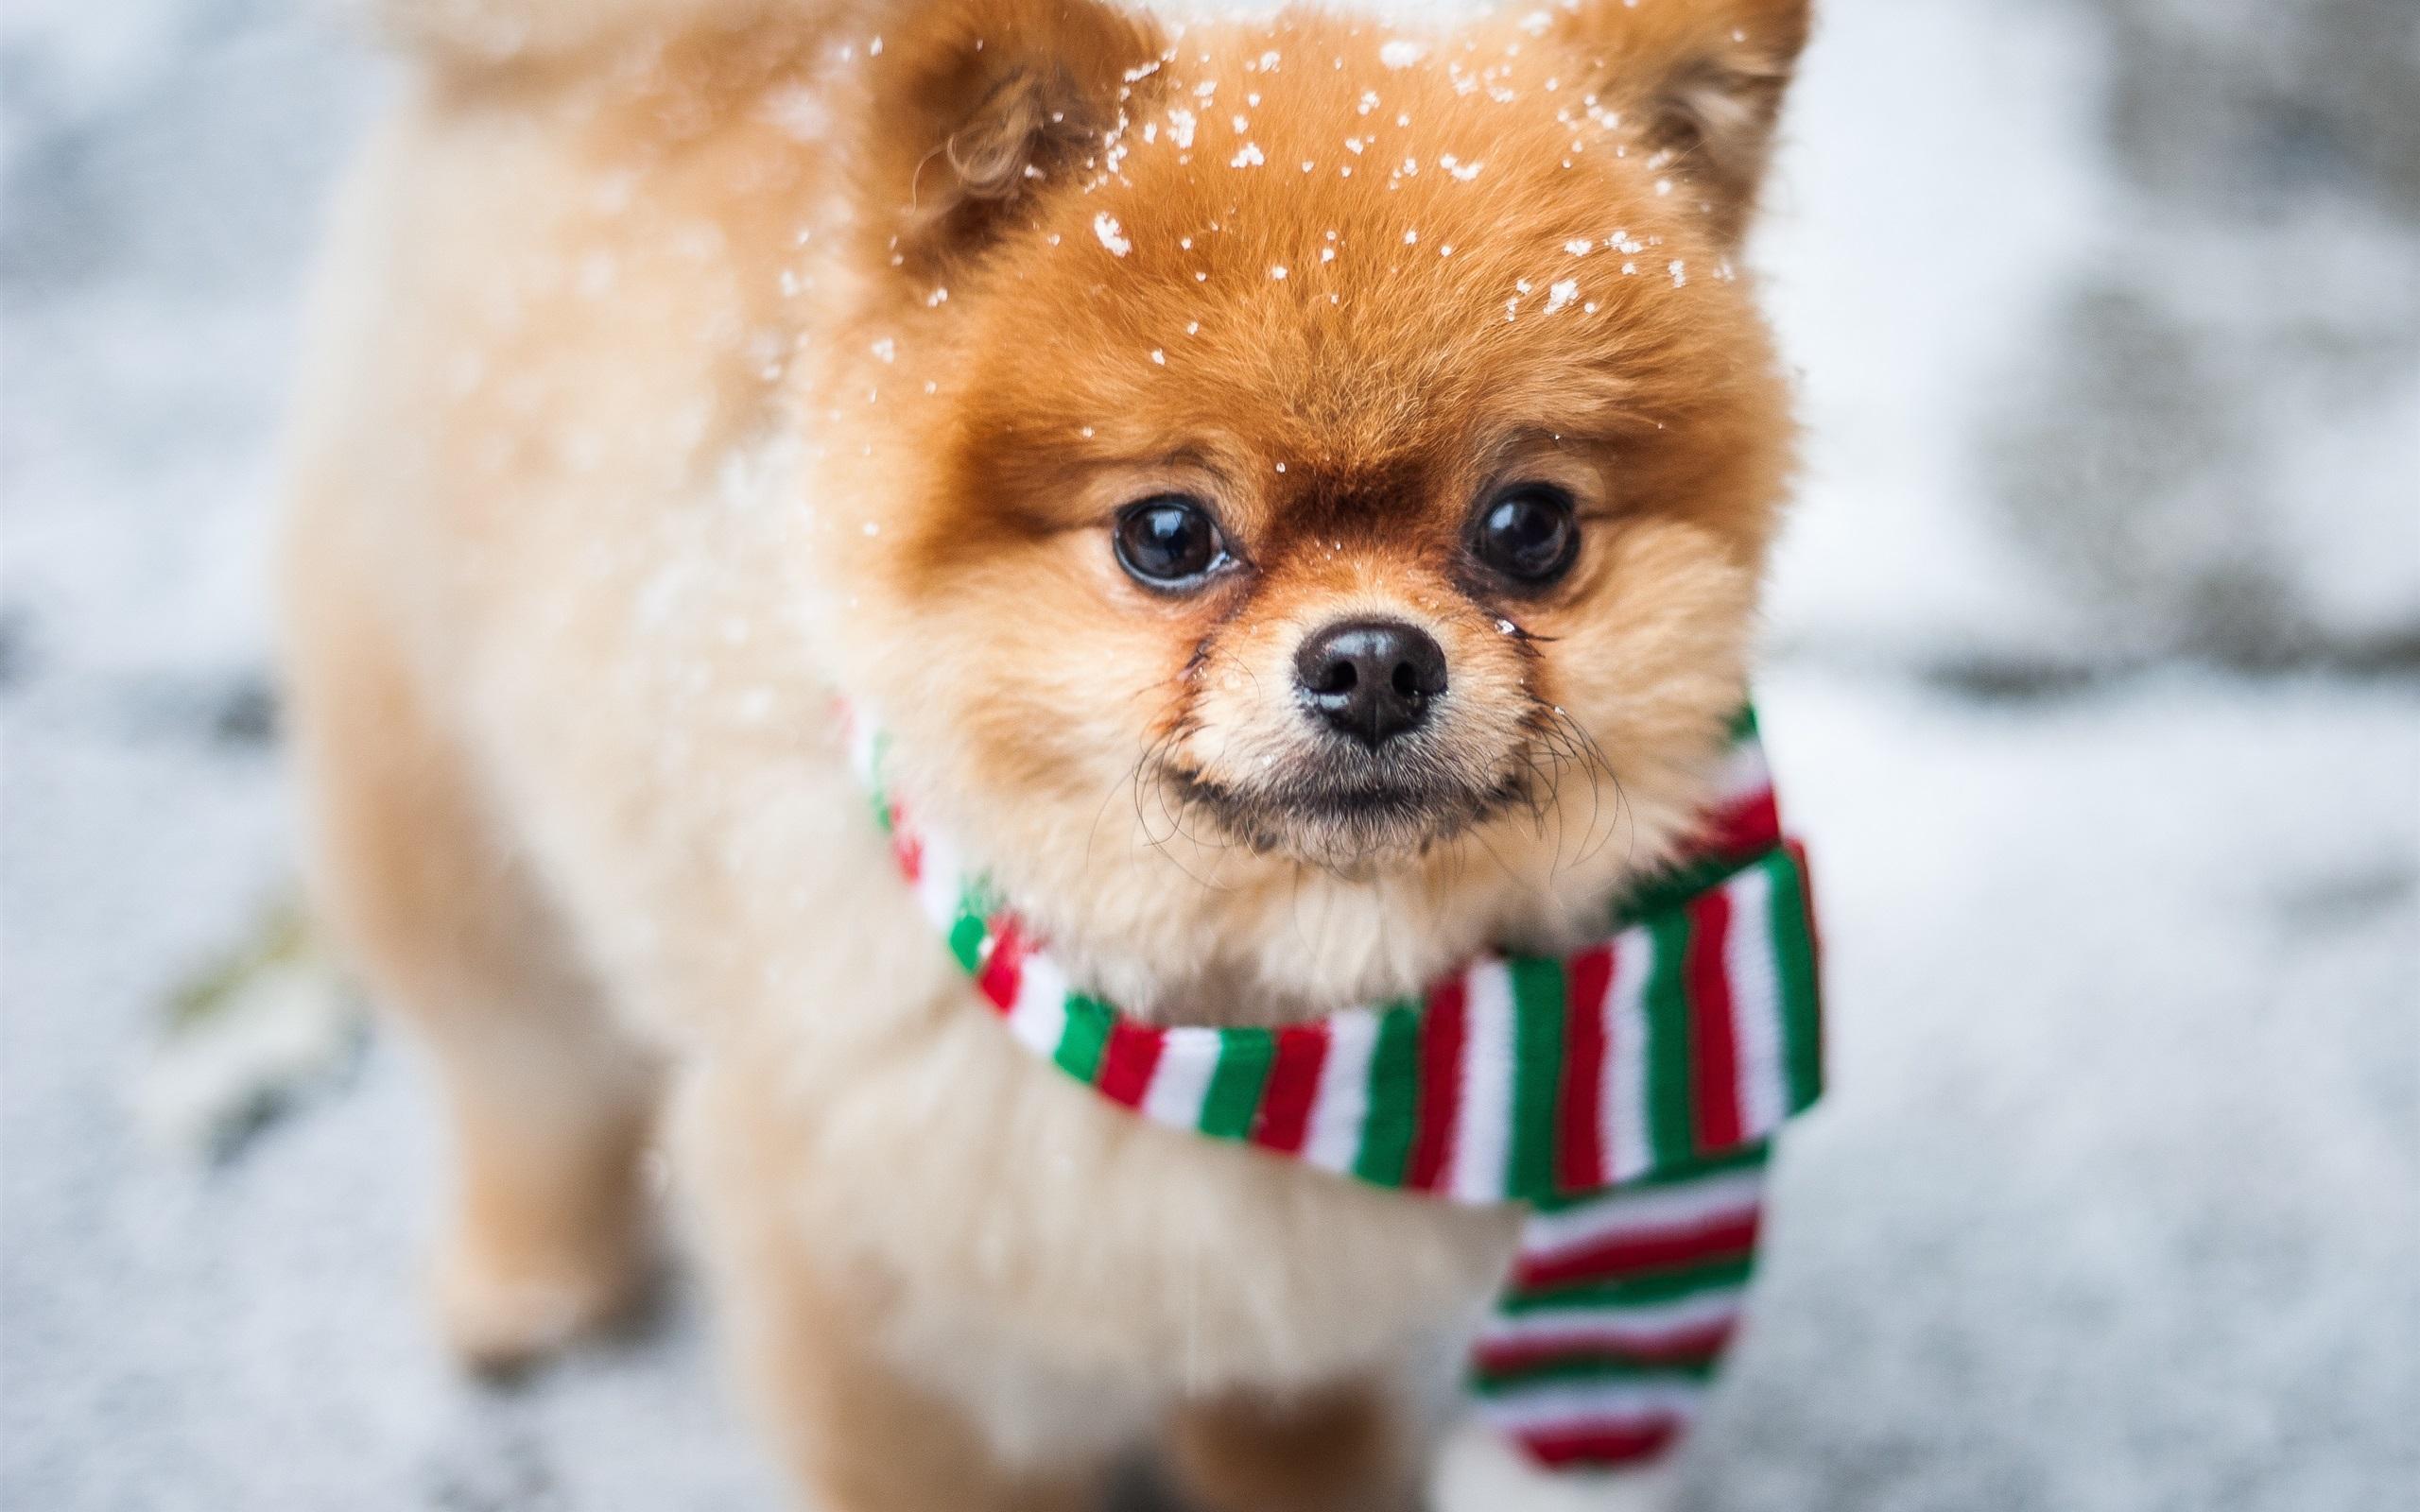 壁紙 かわいい犬の正面から見た 顔 スカーフ 雪 x1800 Hd 無料のデスクトップの背景 画像